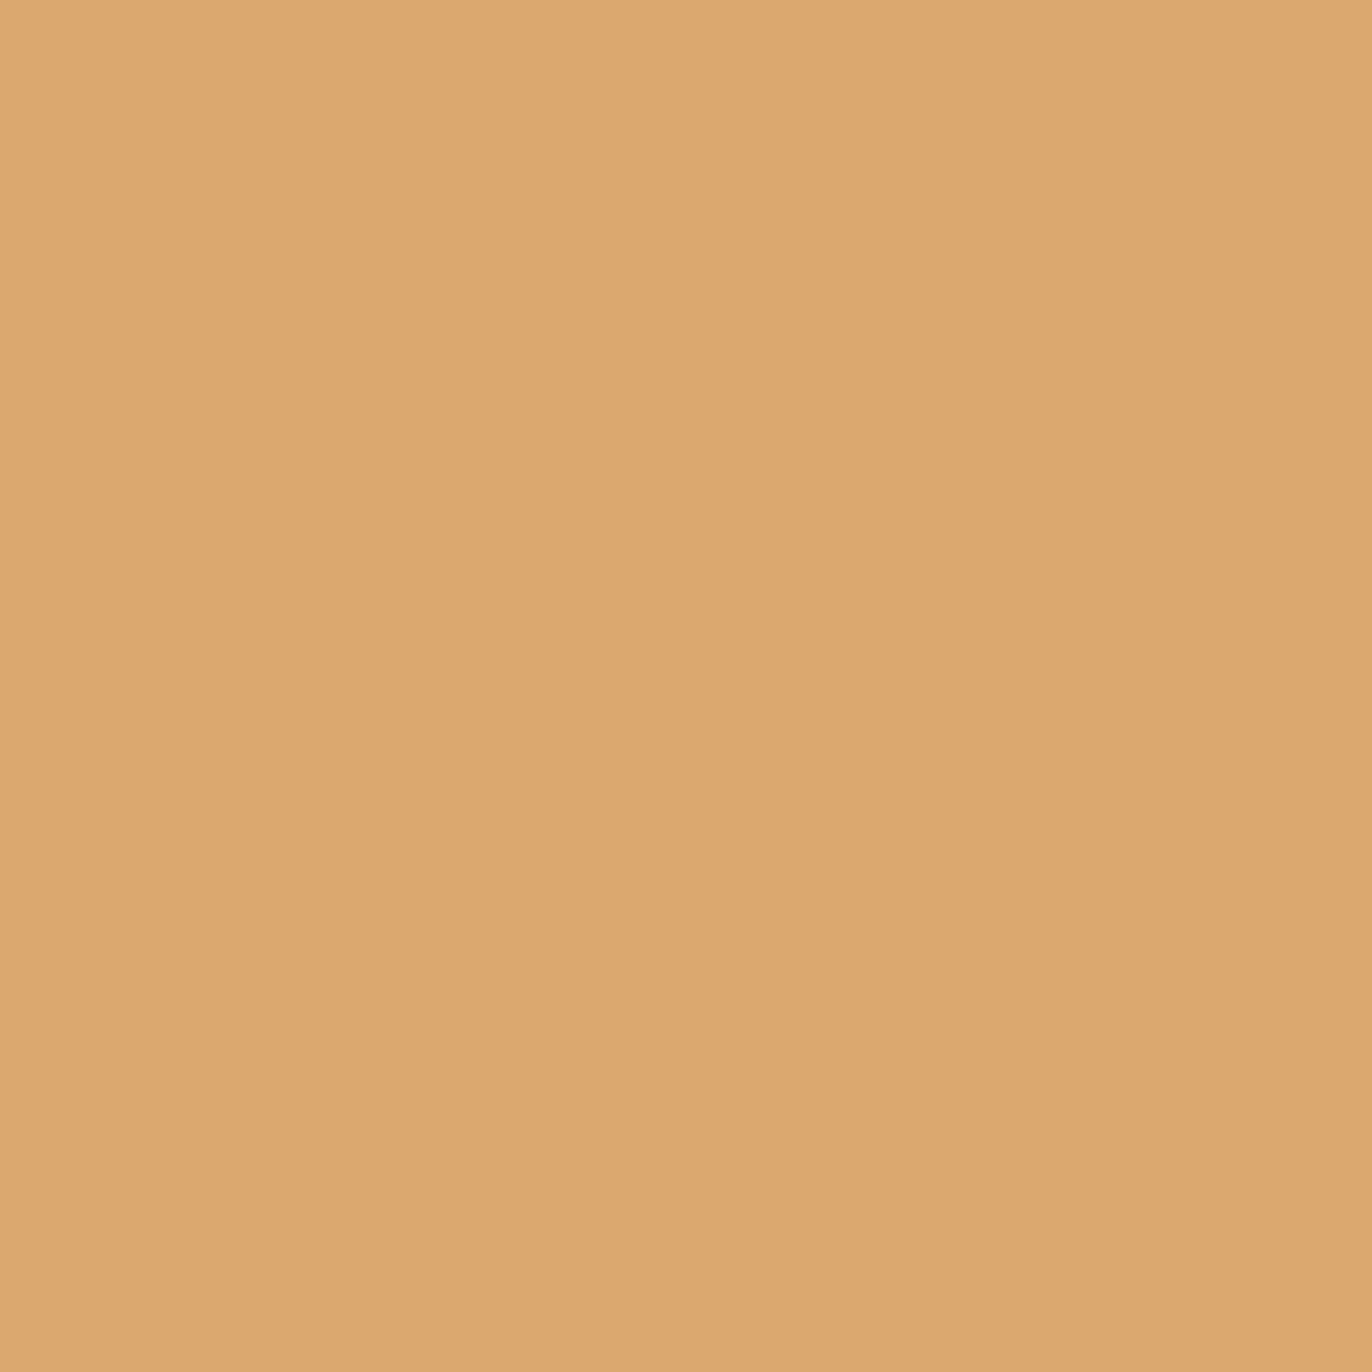 手入れ換気仕様SANMIMORE(サンミモレ化粧品) UVパクト 50号ライトオークル (レフィル 替パフ付)